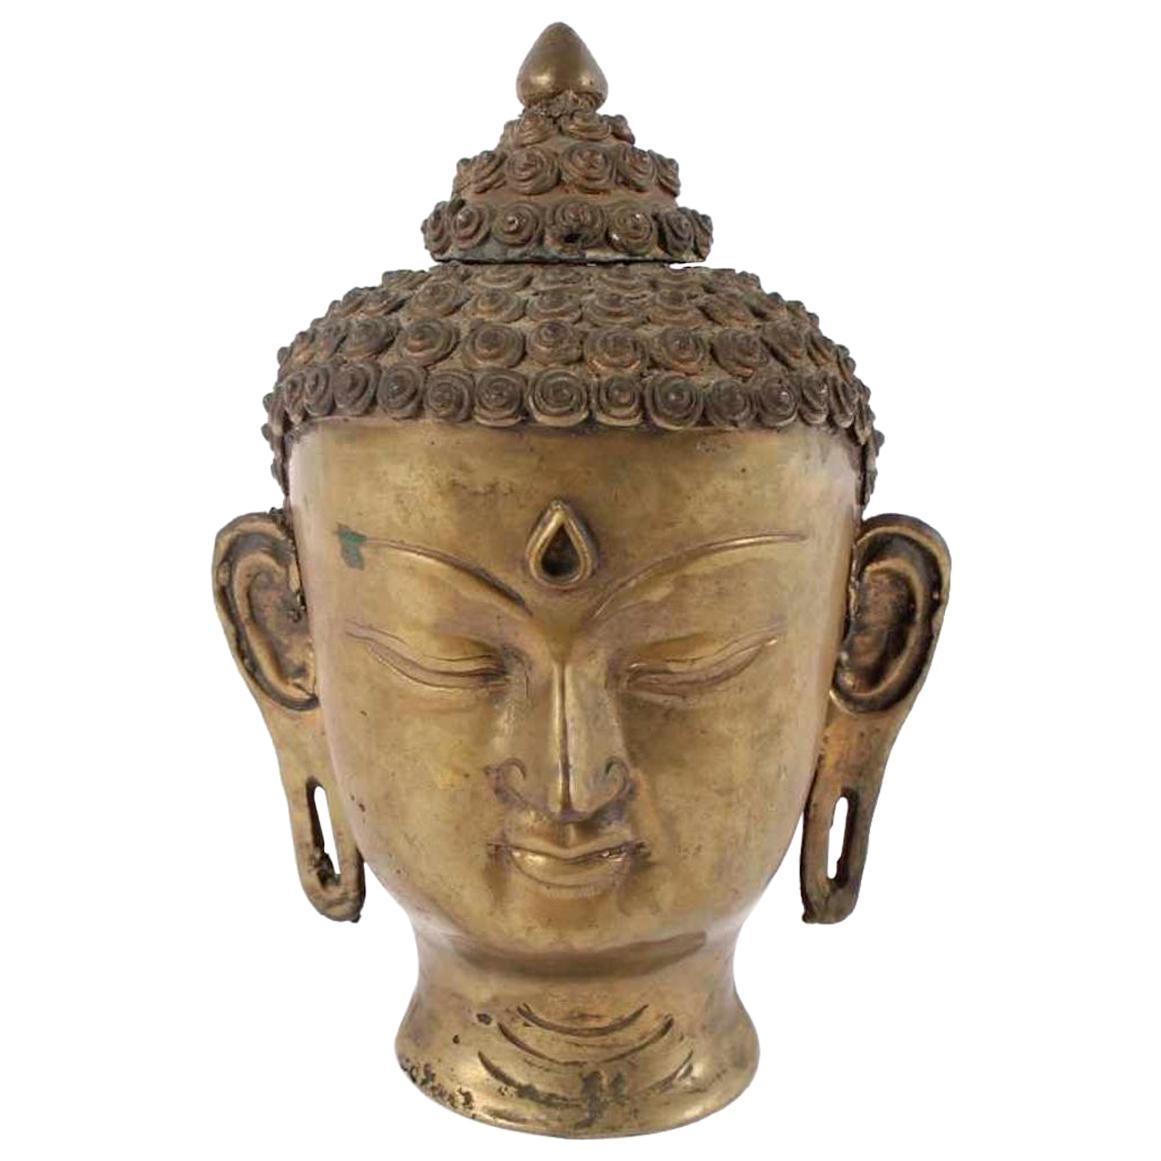 Buddha's Head, India, Early 20th Century